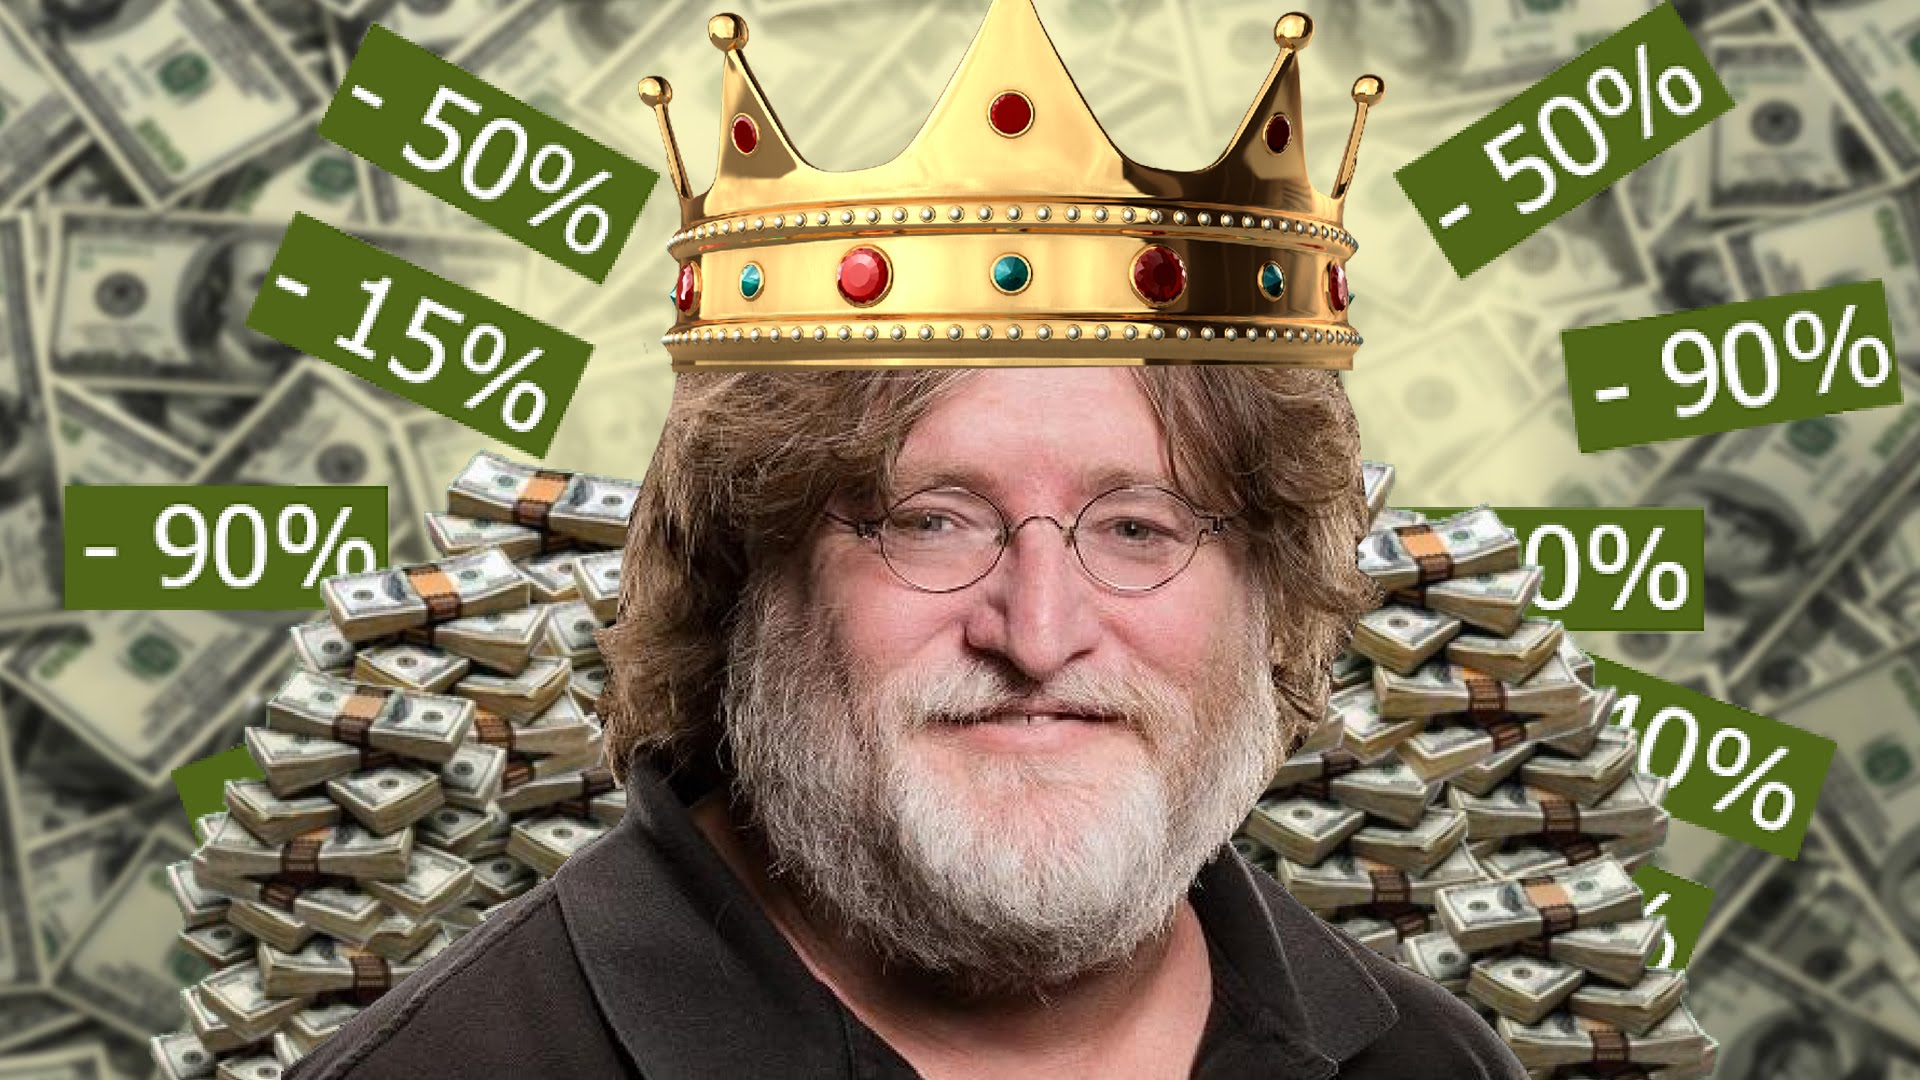 Картинки по запросу Steam sales